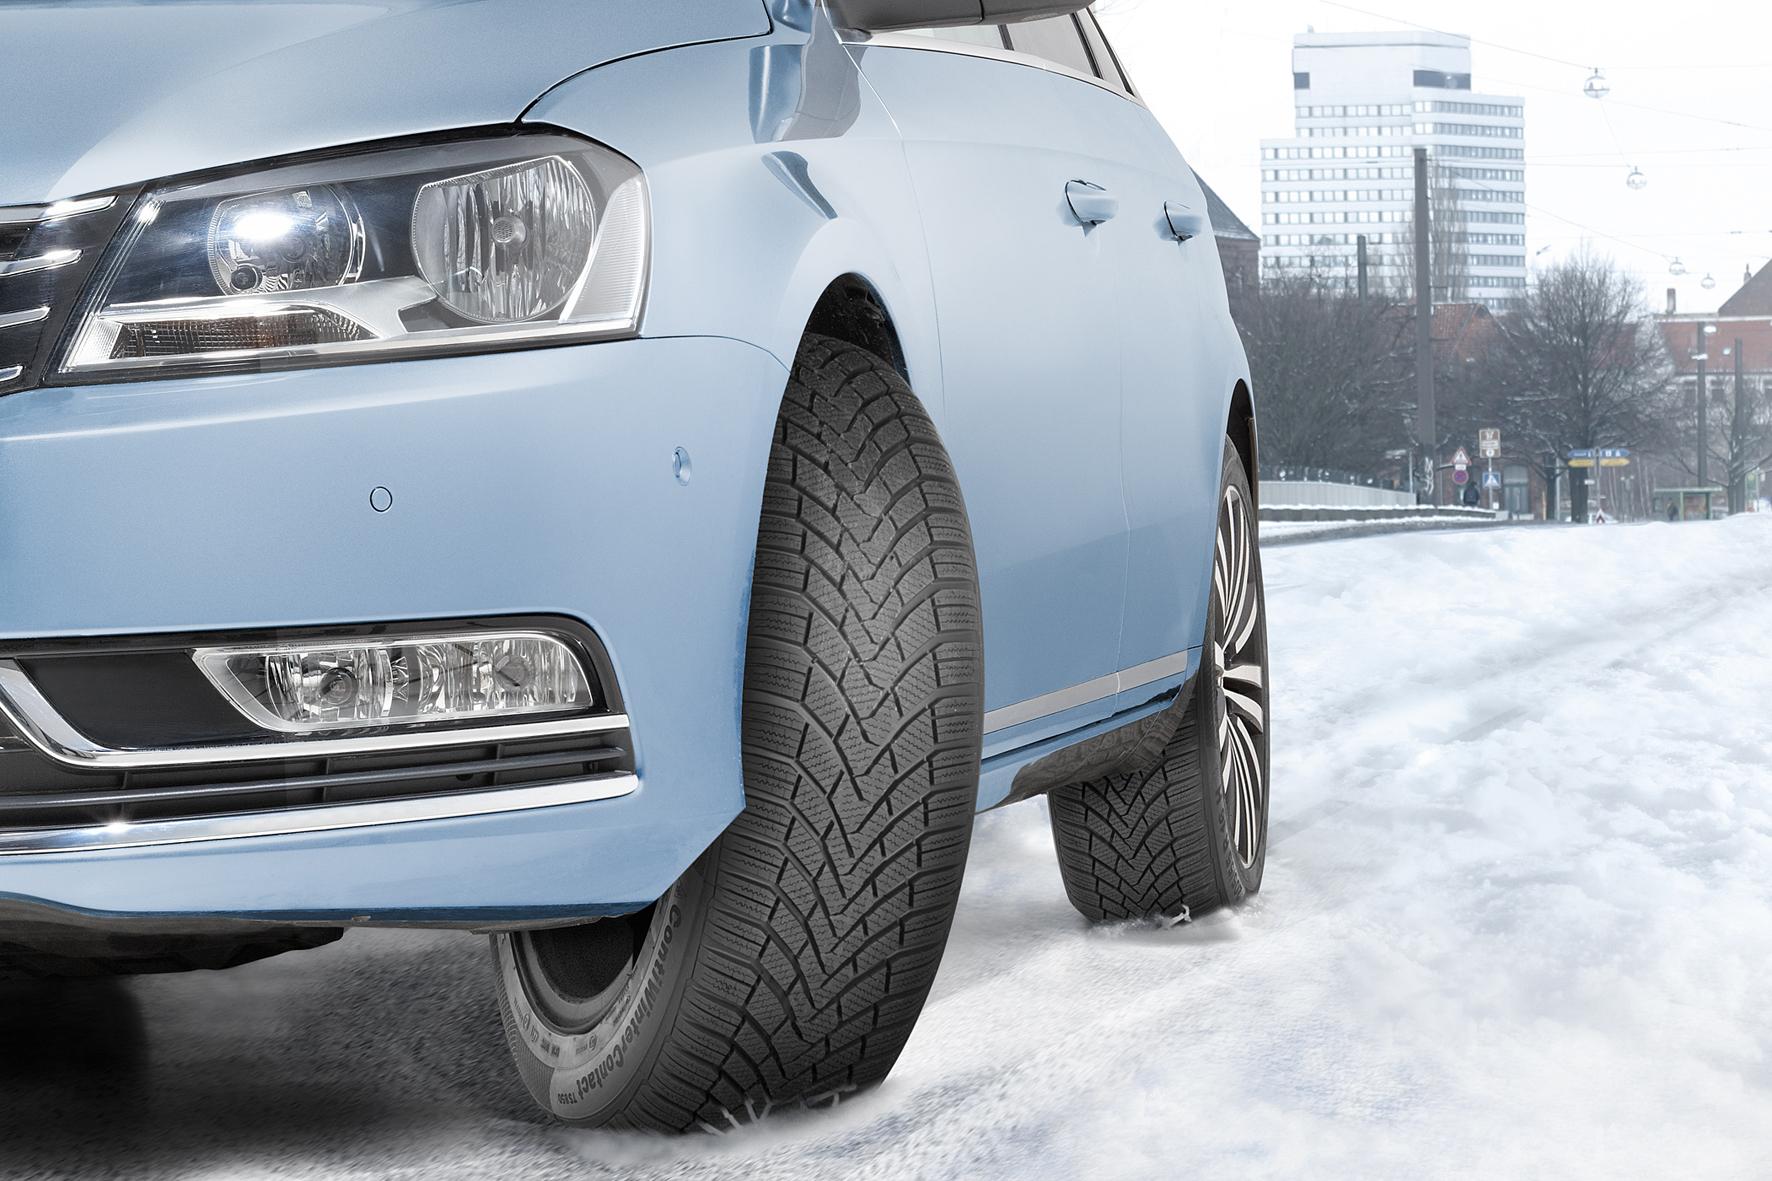 mid Düsseldorf - In Europa gelten bezüglich der Winterreifenpflicht die unterschiedlichsten Regelungen von einer generellen Pflicht innerhalb vorgegebener Zeiträume bis zur völligen Wahlfreiheit für den Autofahrer.